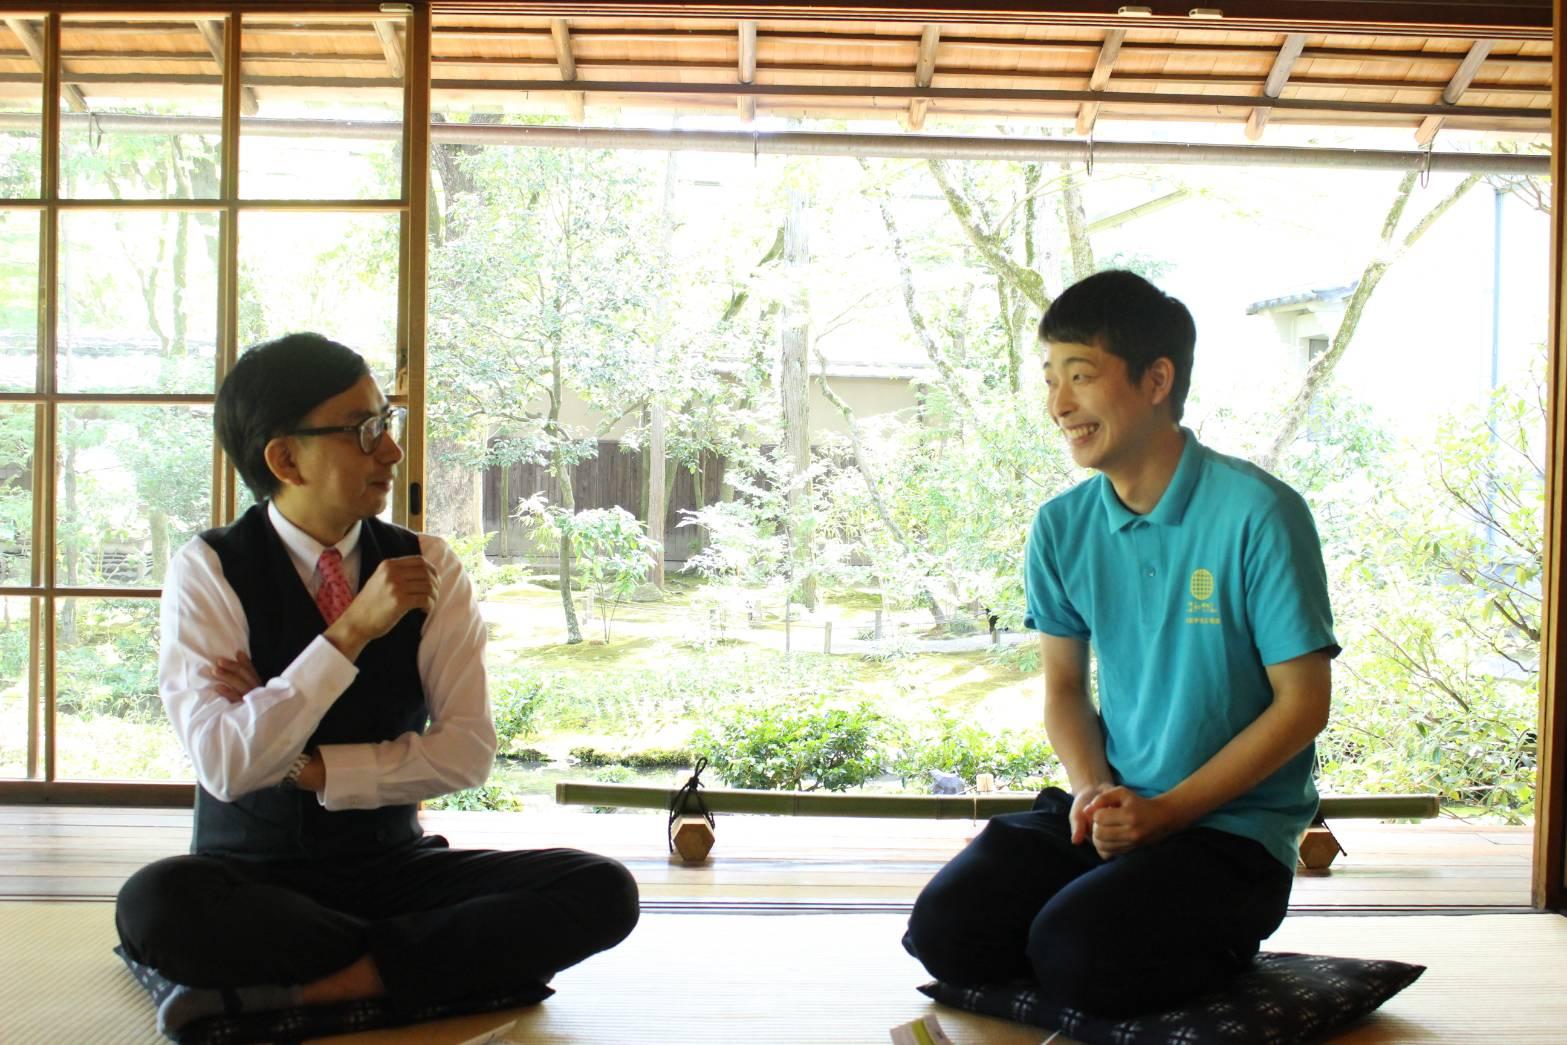 京都学生広報部員が芸人・おいでやす小田に京都愛をぶつけてみた